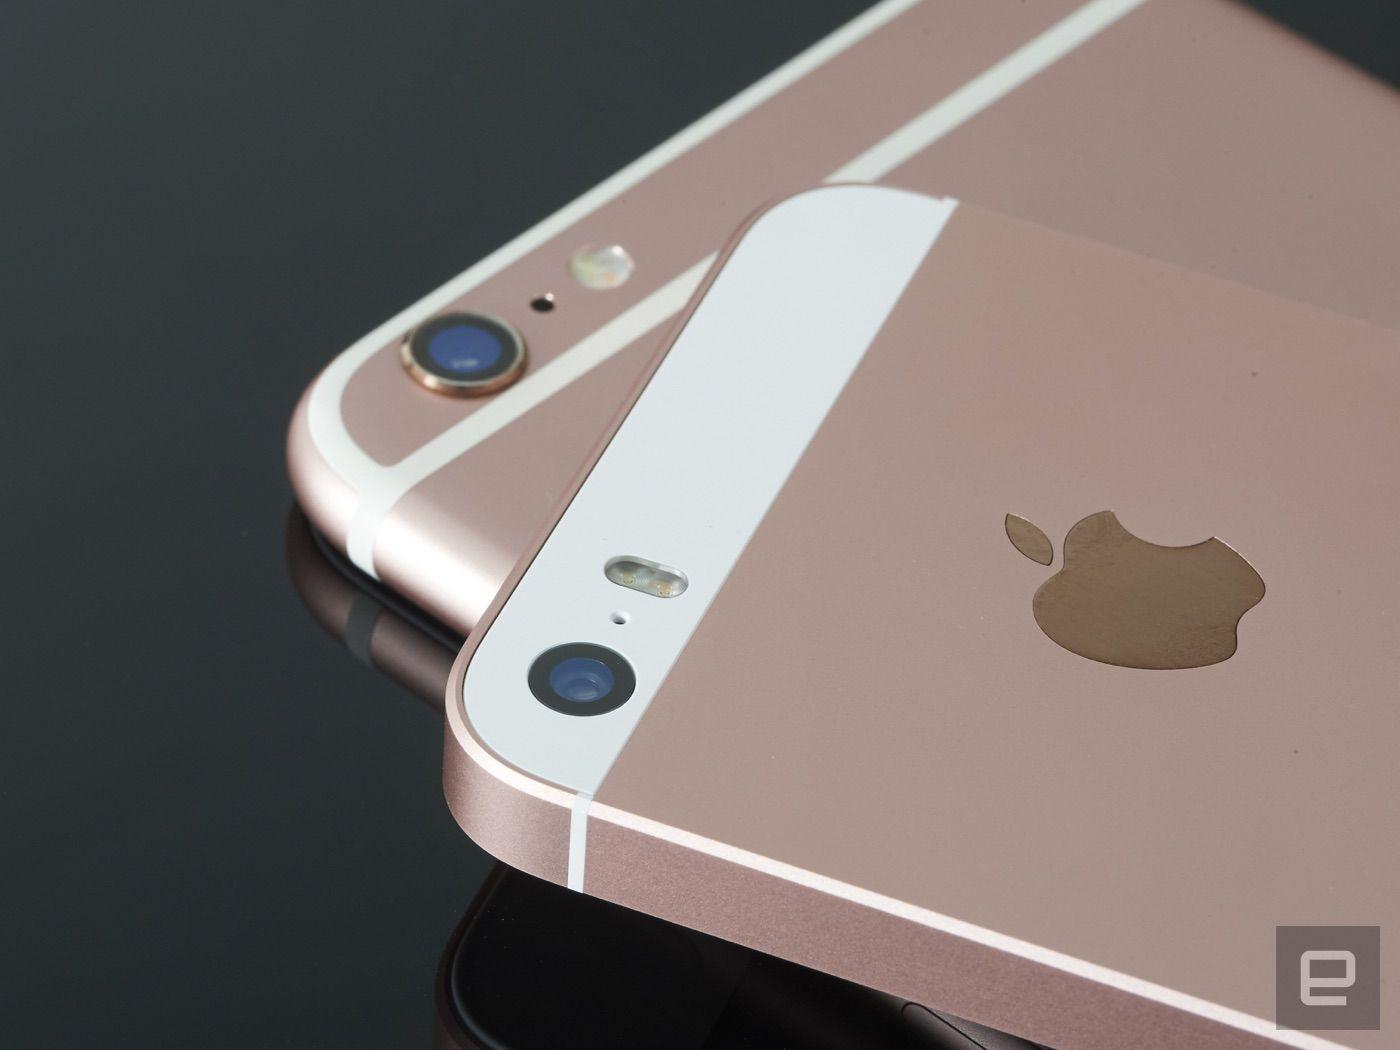 apple disminuye sus ventas de iphone y se ve reflejado en los ingresos apple disminuye sus. Black Bedroom Furniture Sets. Home Design Ideas